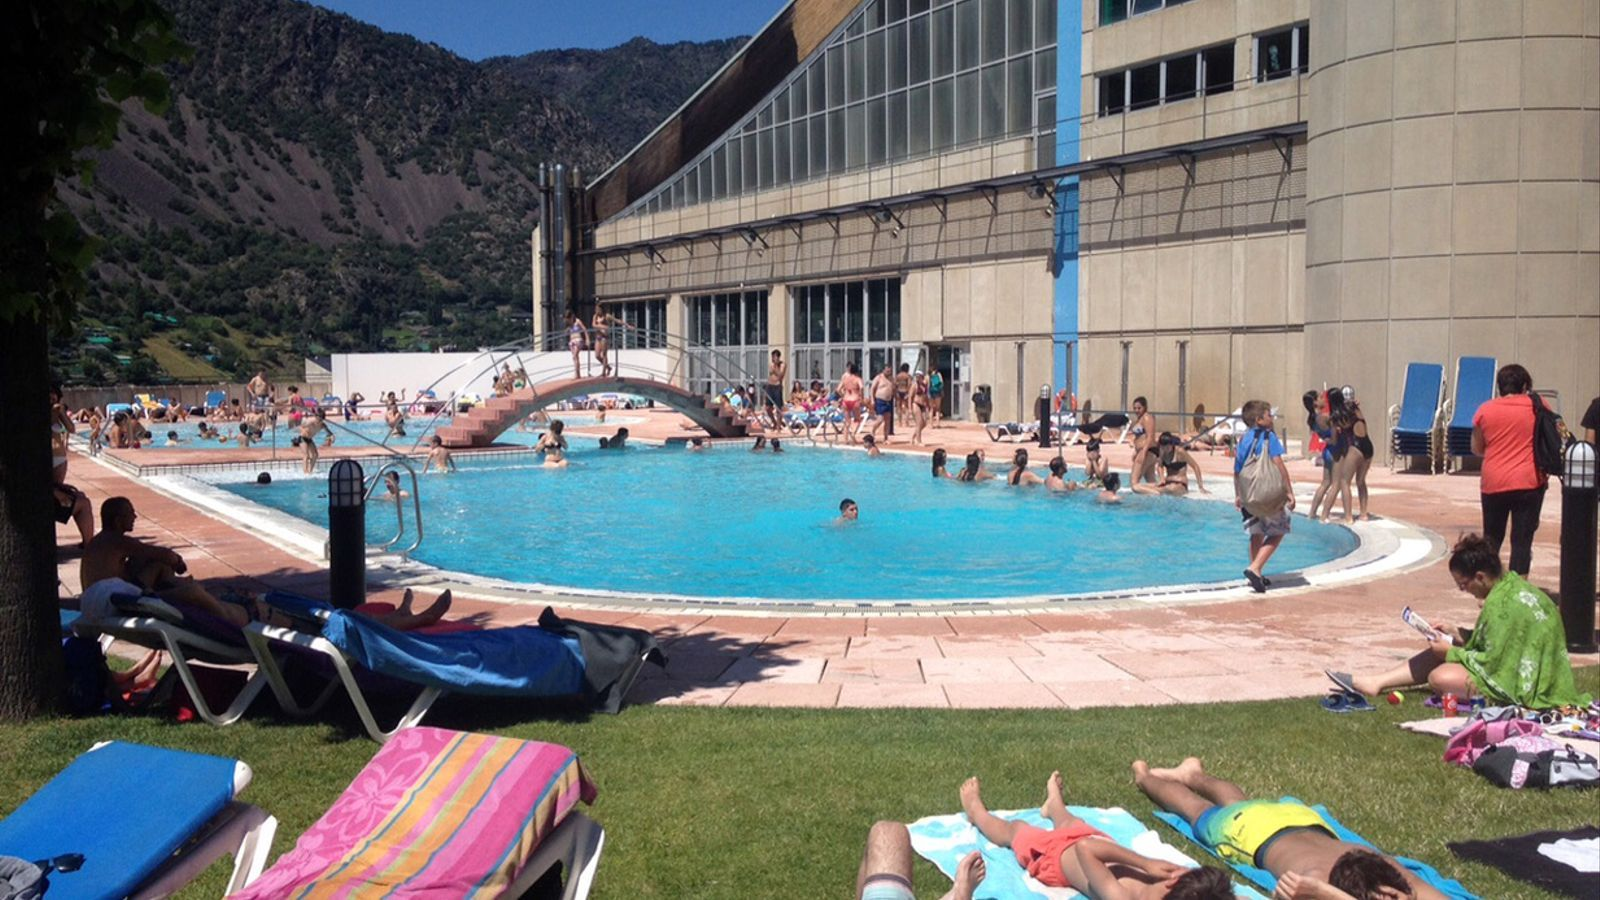 Creix l 39 aflu ncia a les piscines arran de l 39 onada de calor for Piscine andorre caldea